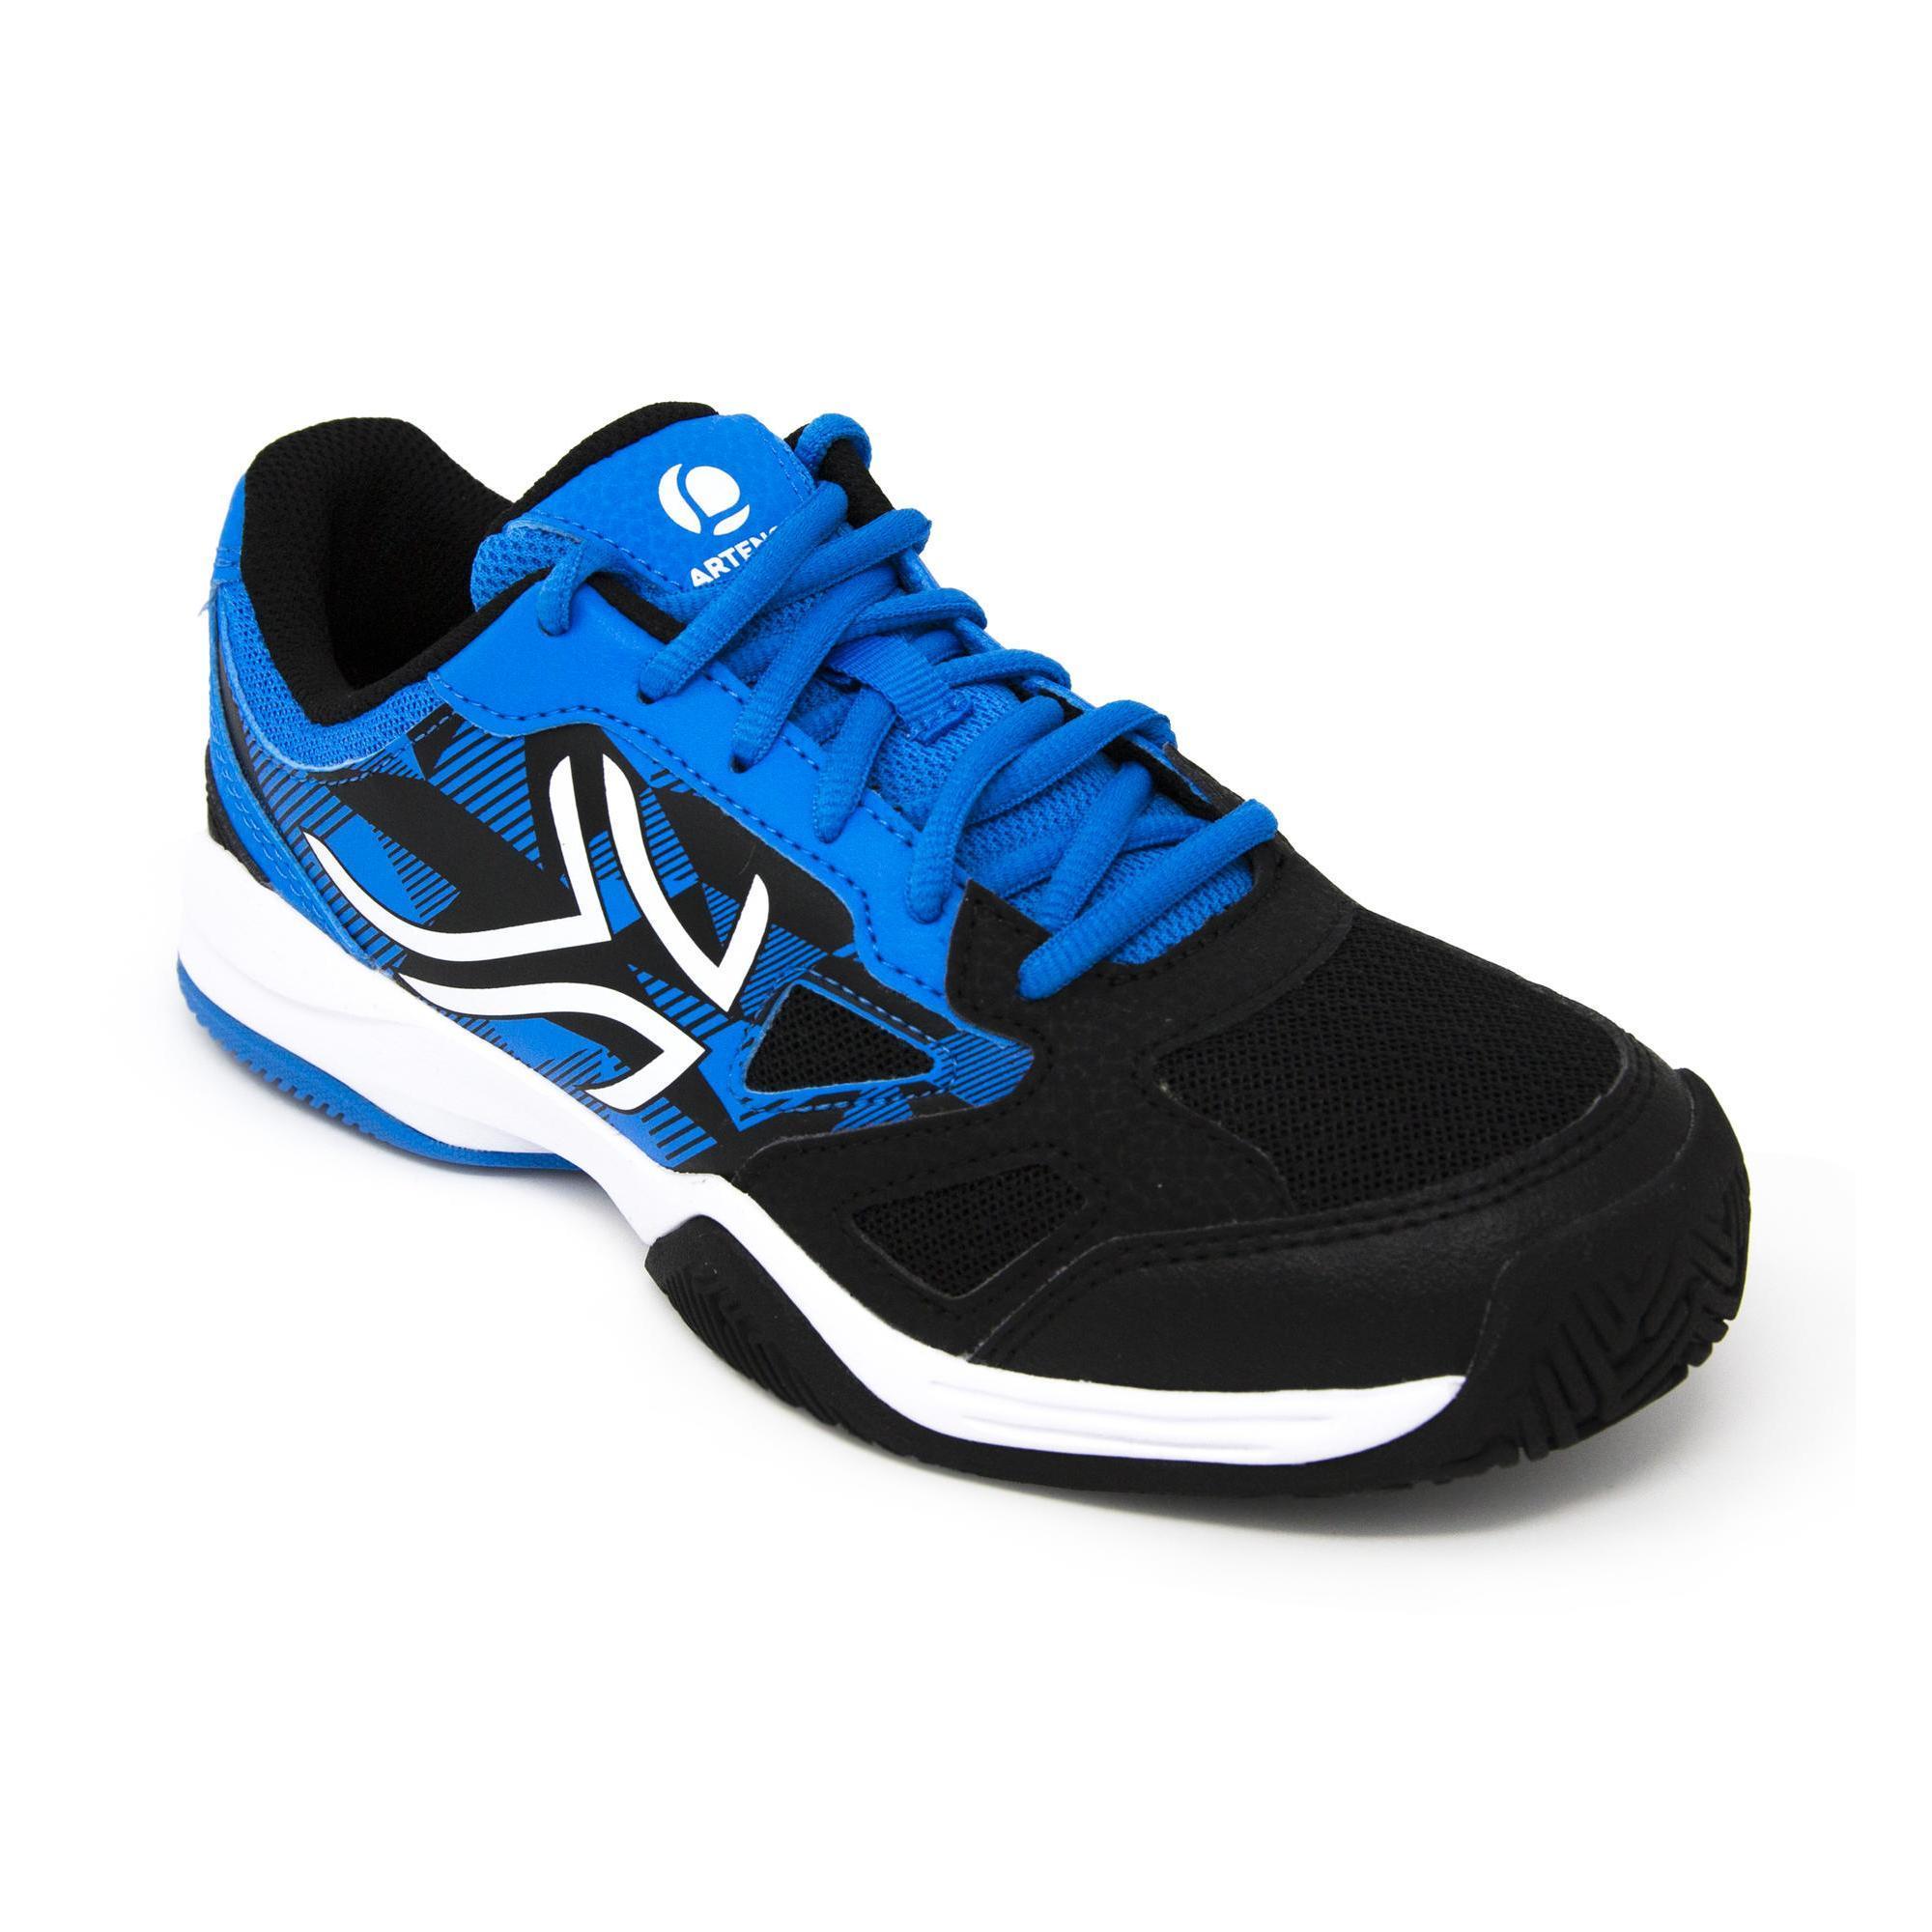 07e80c7d185 Comprar Zapatillas de tenis niños Y niñas online